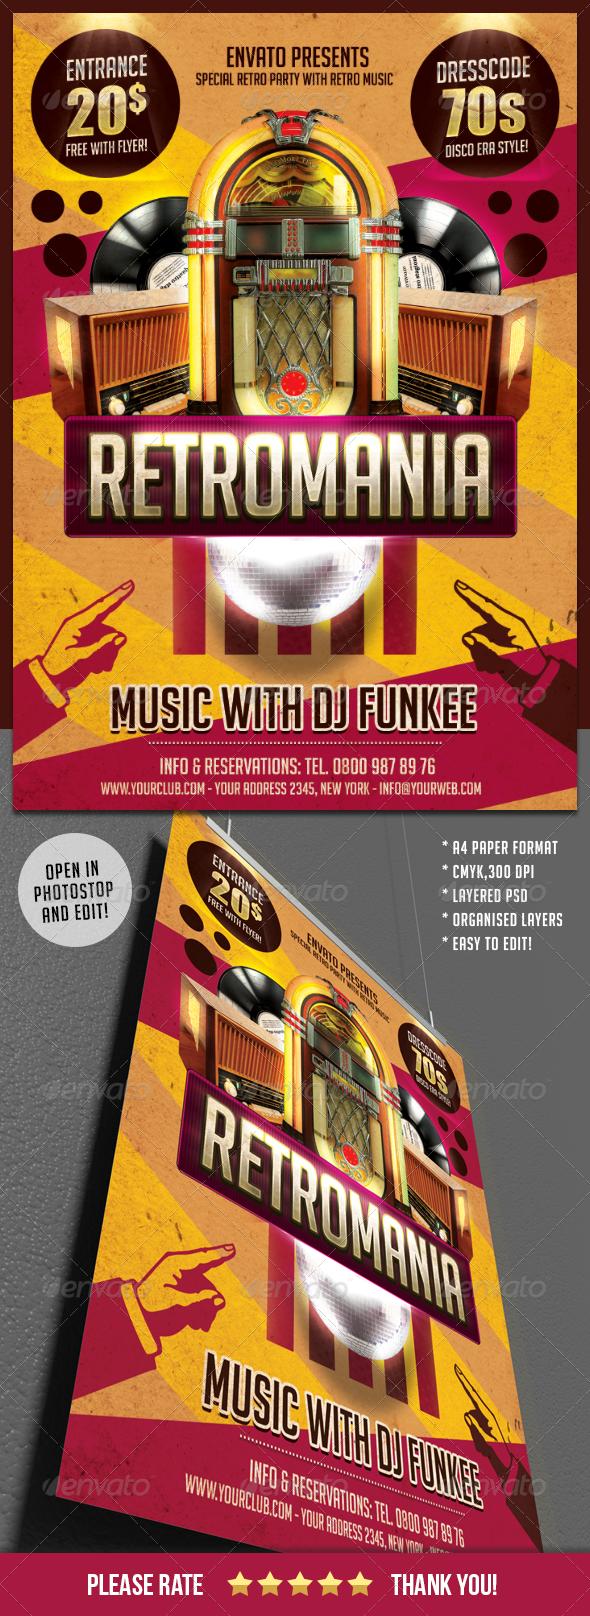 GraphicRiver Retromania Party Flyer Template 5964000